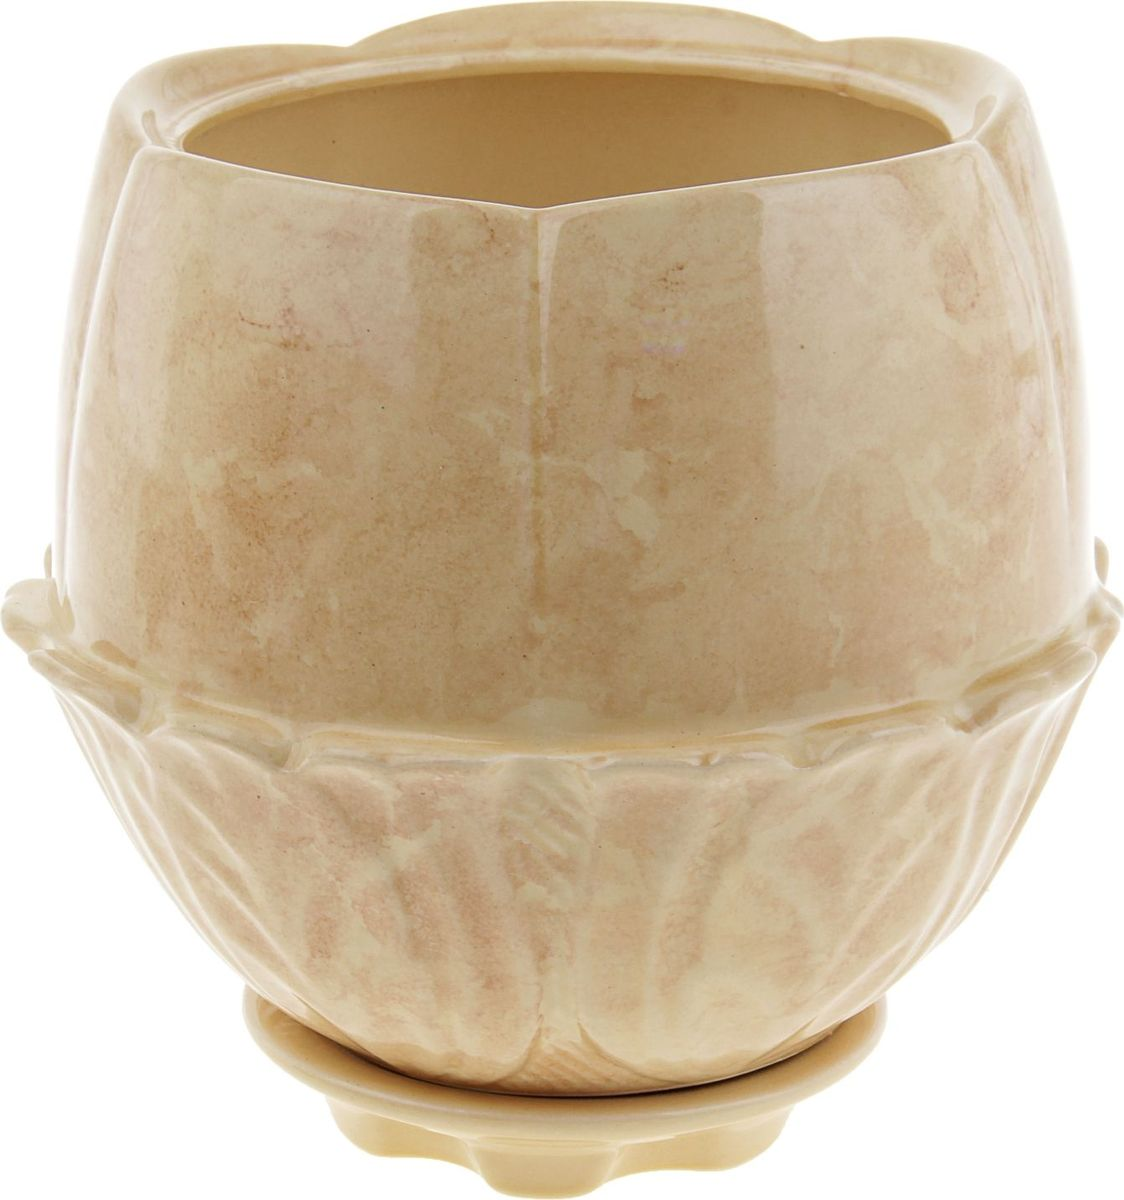 Кашпо Азалия, цвет: бежевый, 3 л840517Комнатные растения — всеобщие любимцы. Они радуют глаз, насыщают помещение кислородом и украшают пространство. Каждому из них необходим свой удобный и красивый дом. Кашпо из керамики прекрасно подходят для высадки растений: за счёт пластичности глины и разных способов обработки существует великое множество форм и дизайновпористый материал позволяет испаряться лишней влагевоздух, необходимый для дыхания корней, проникает сквозь керамические стенки! #name# позаботится о зелёном питомце, освежит интерьер и подчеркнёт его стиль.